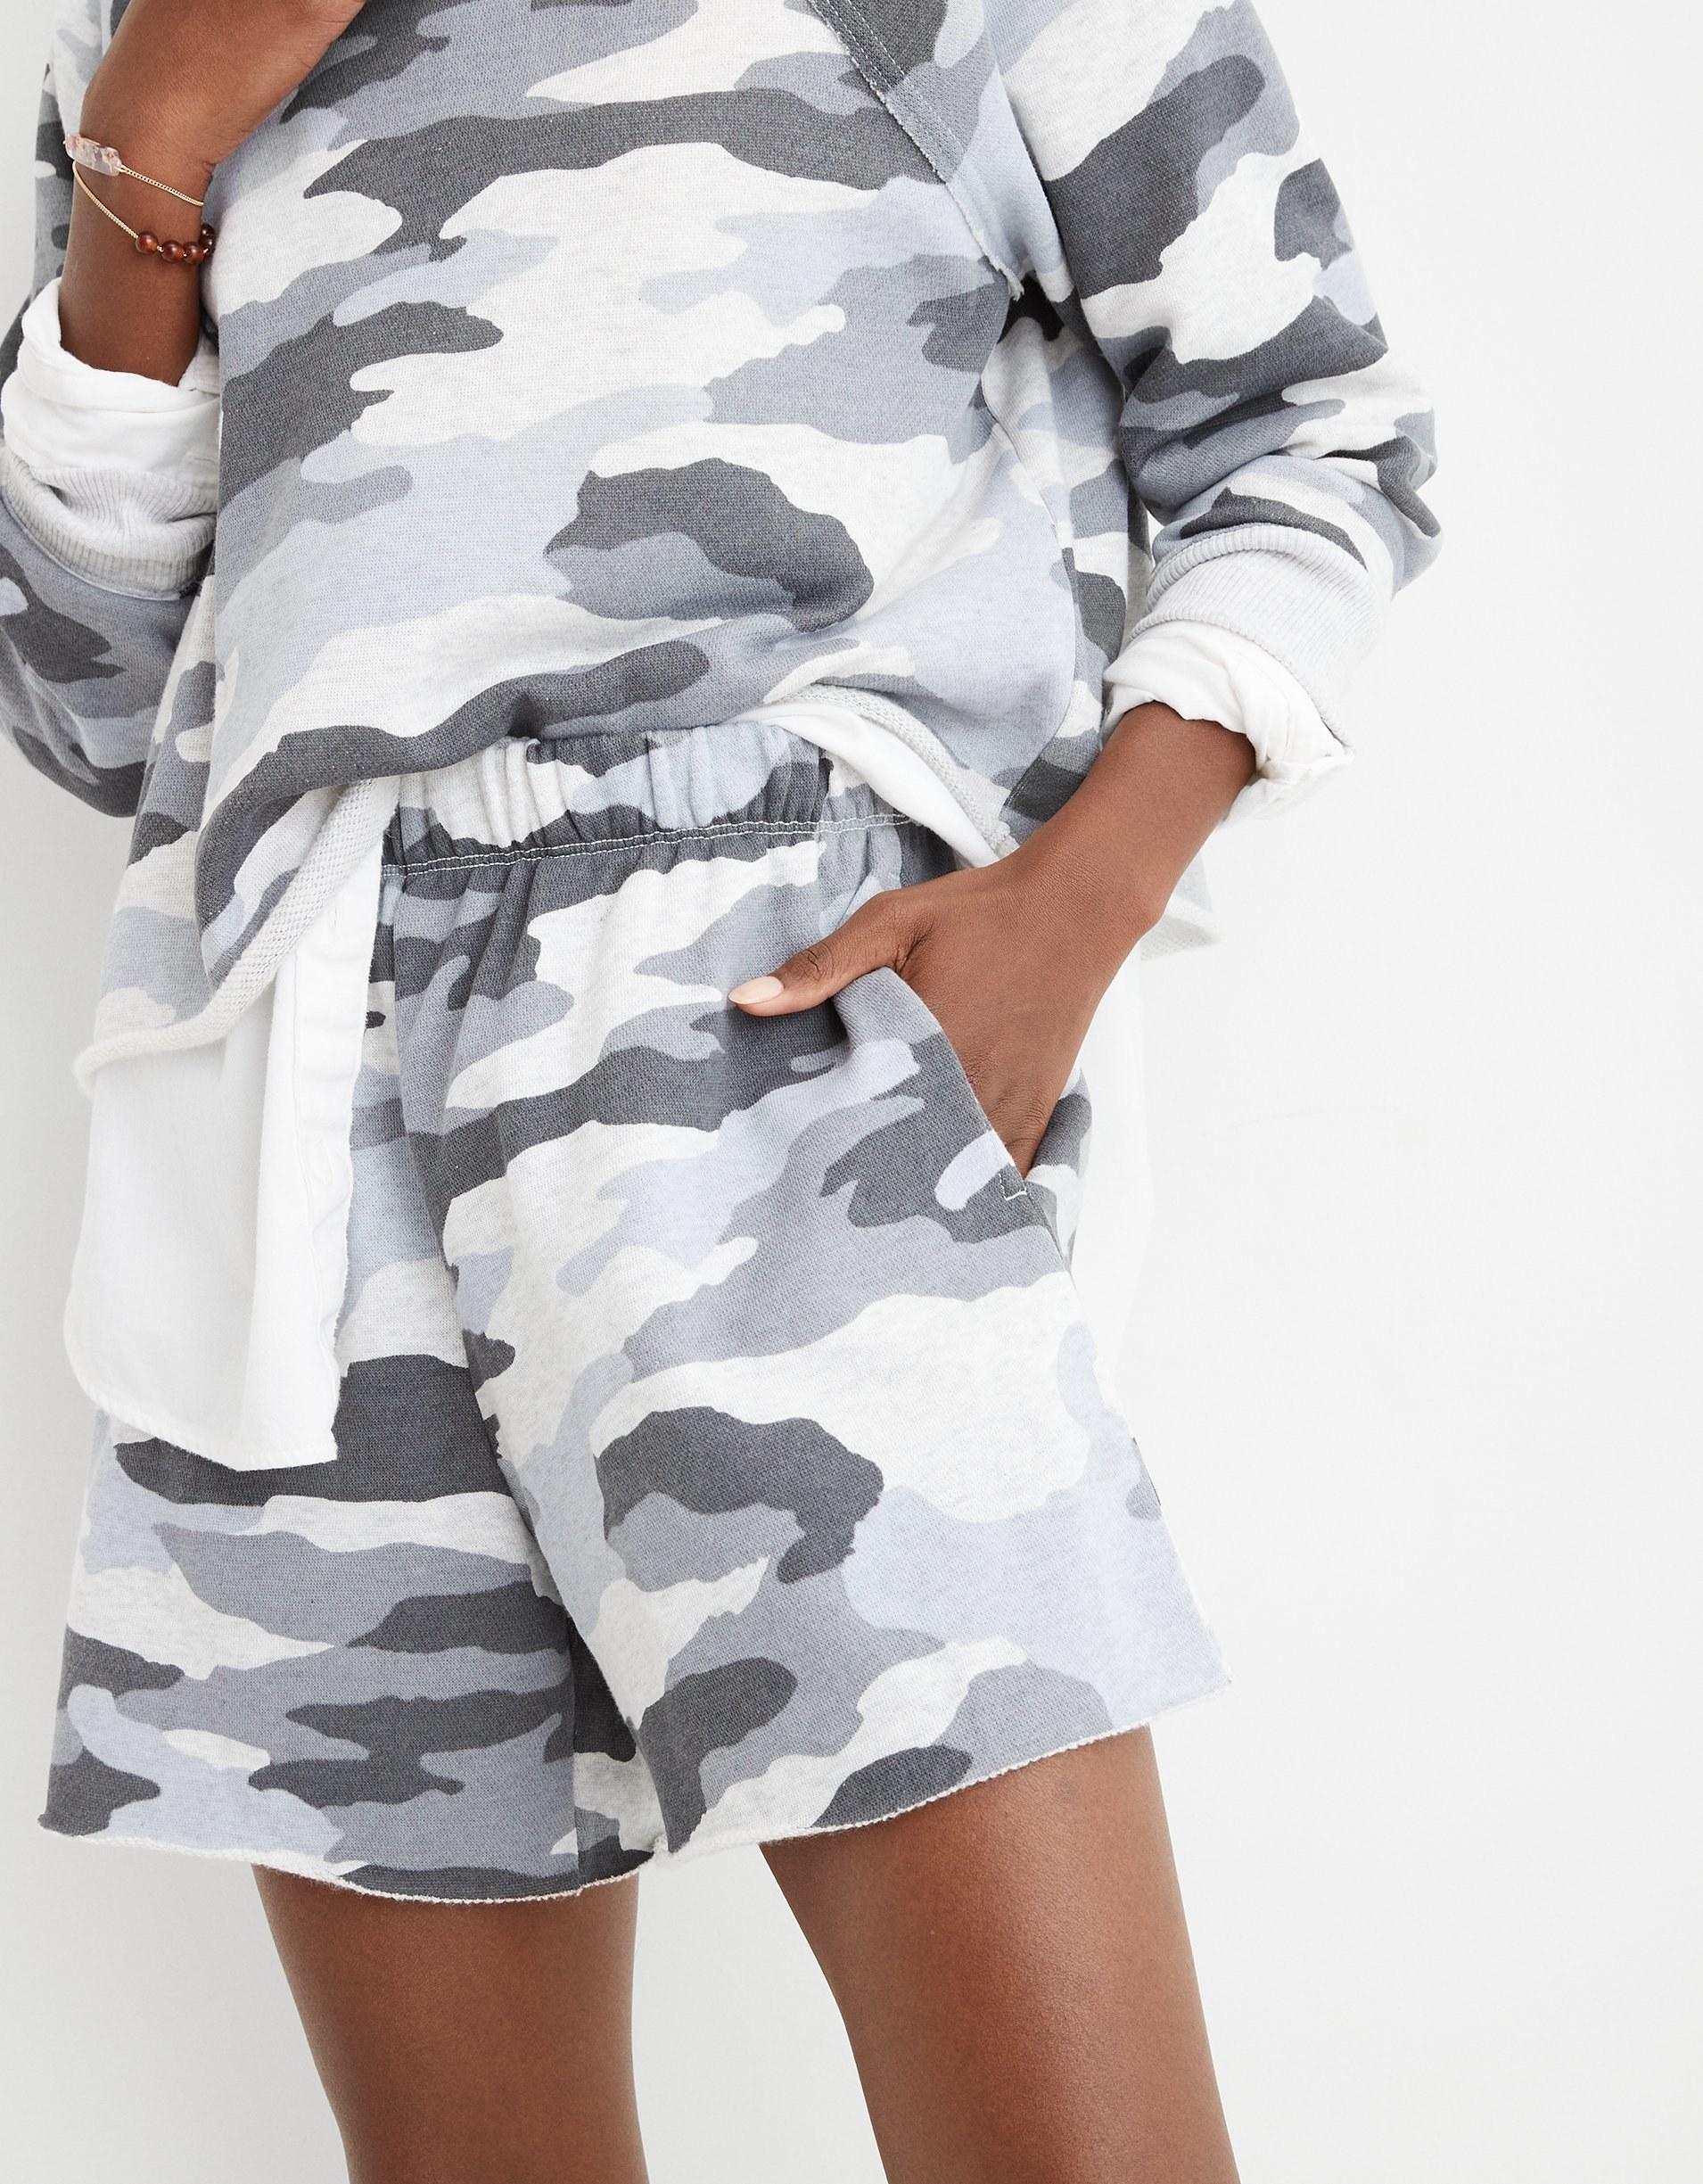 Woman wearing camo shorts